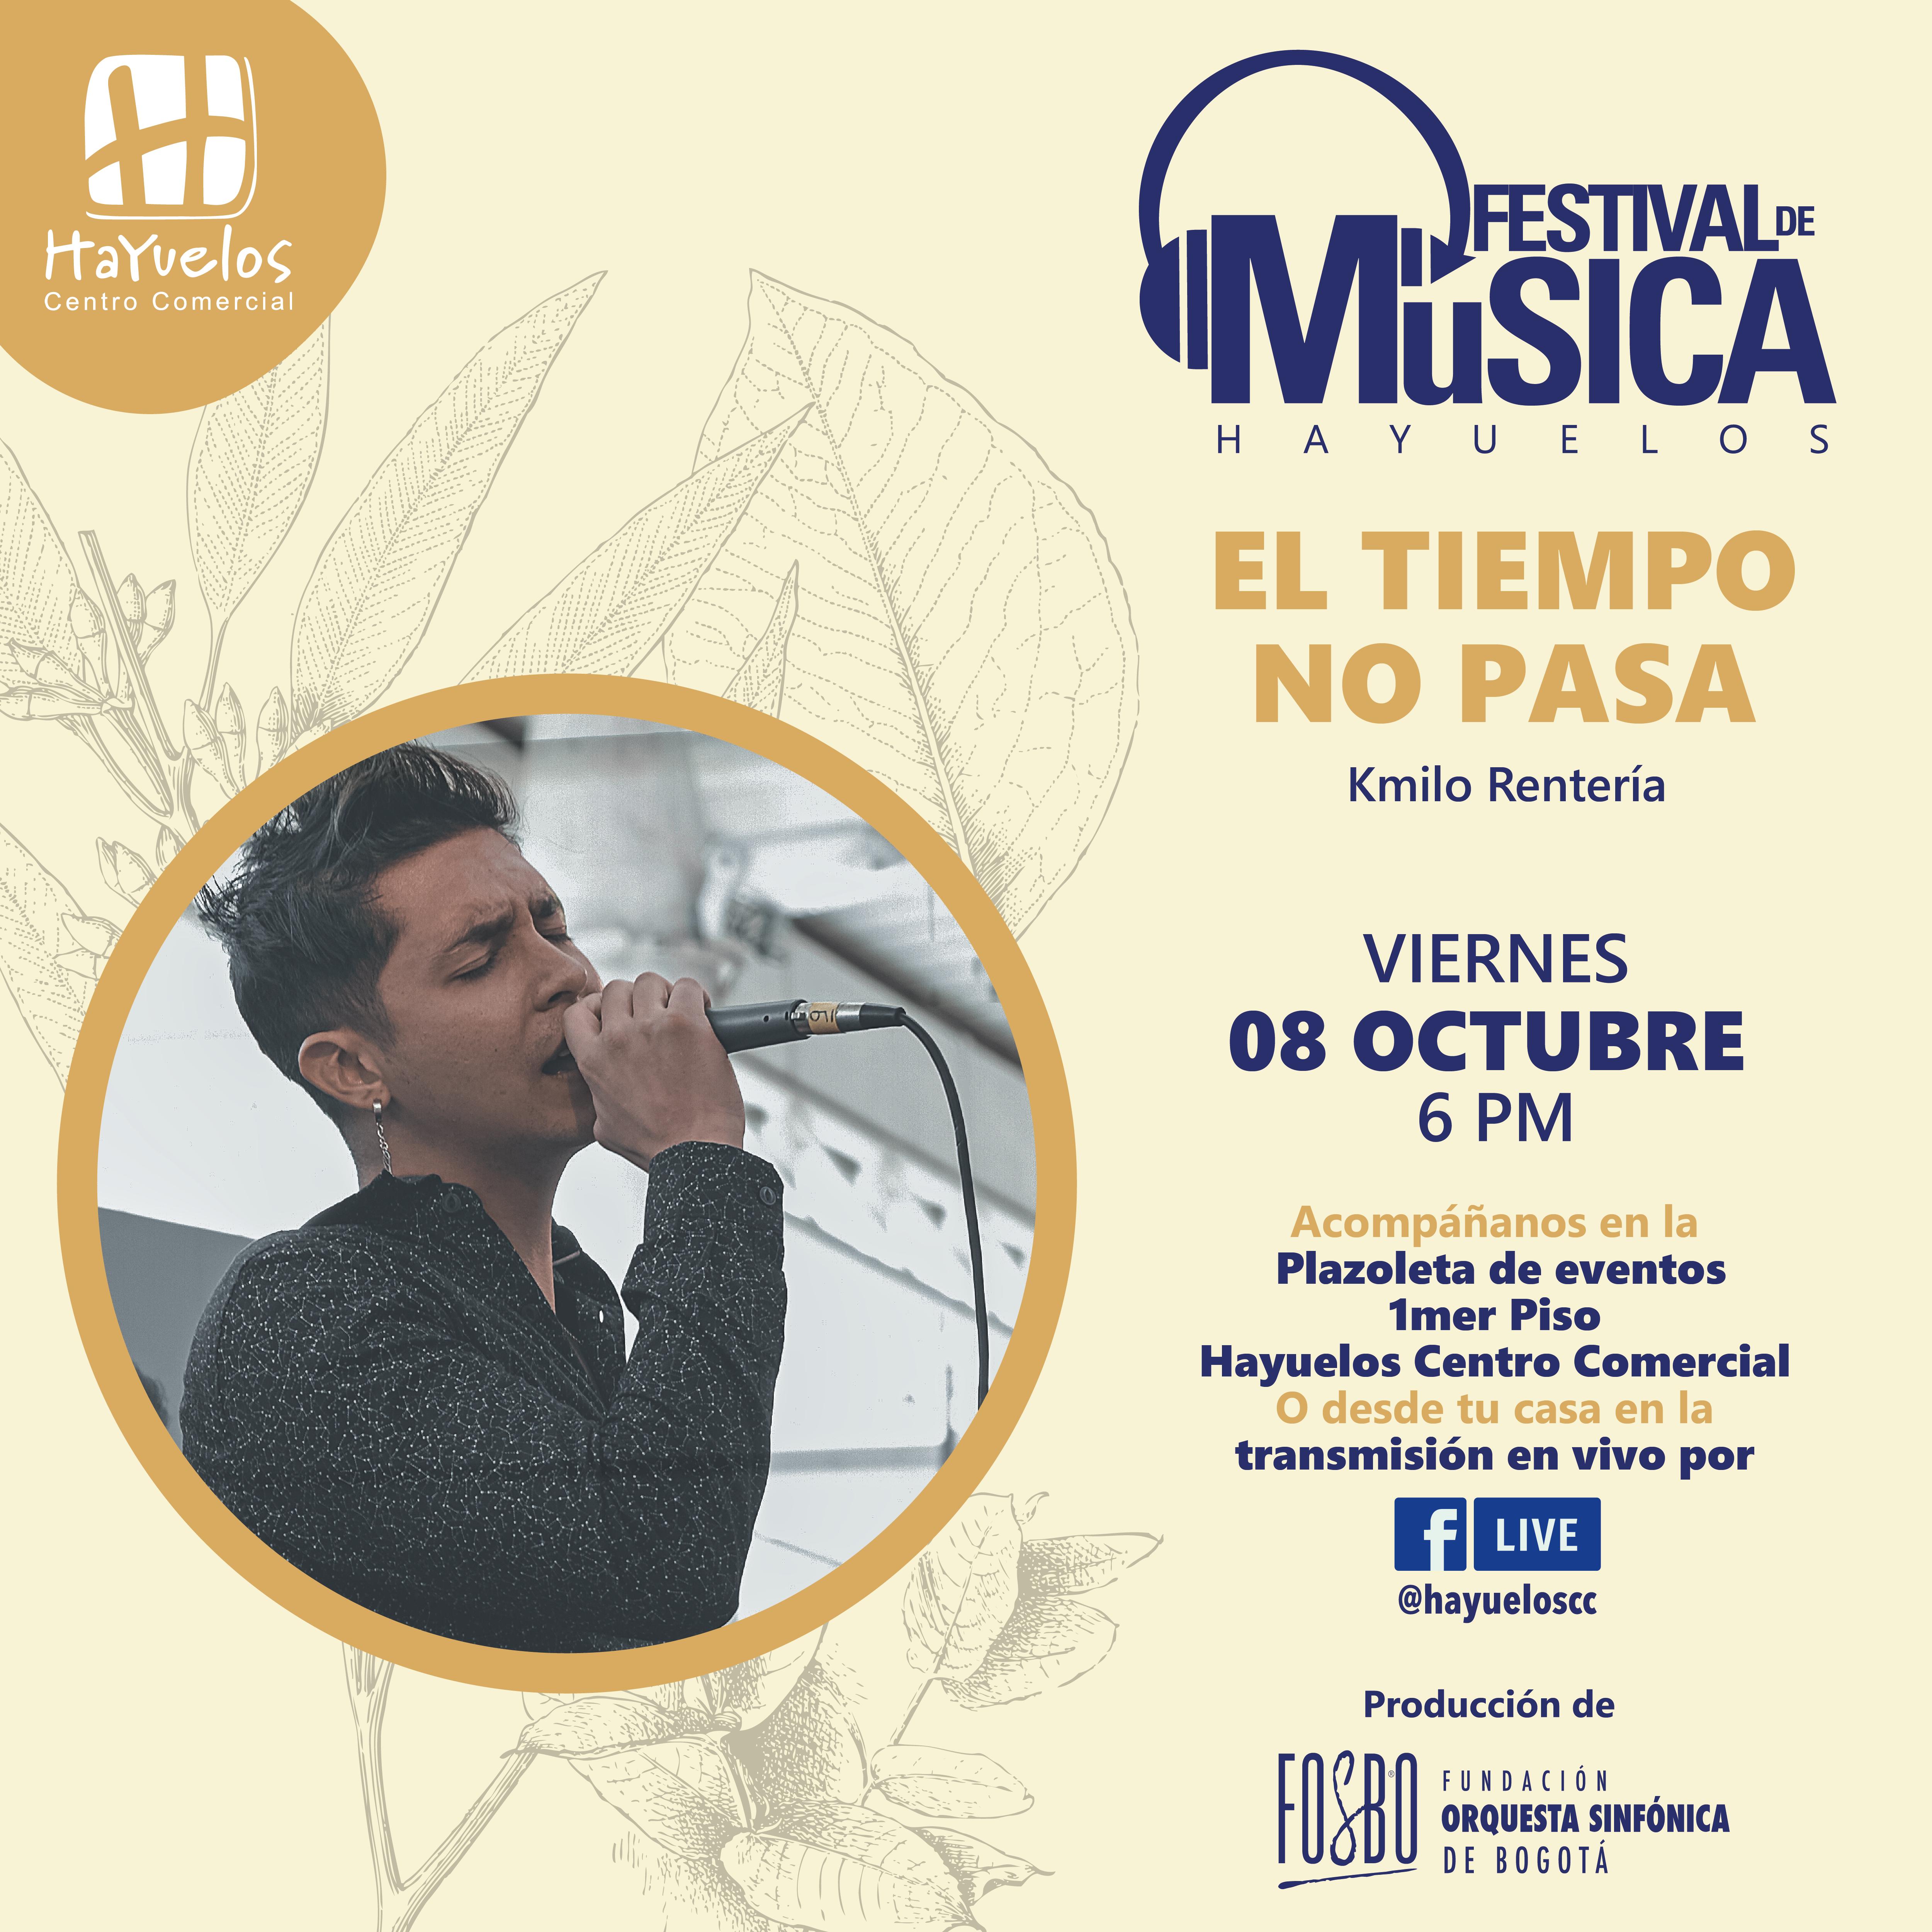 Kamilo Festival de música Hayuelos y Fosbo